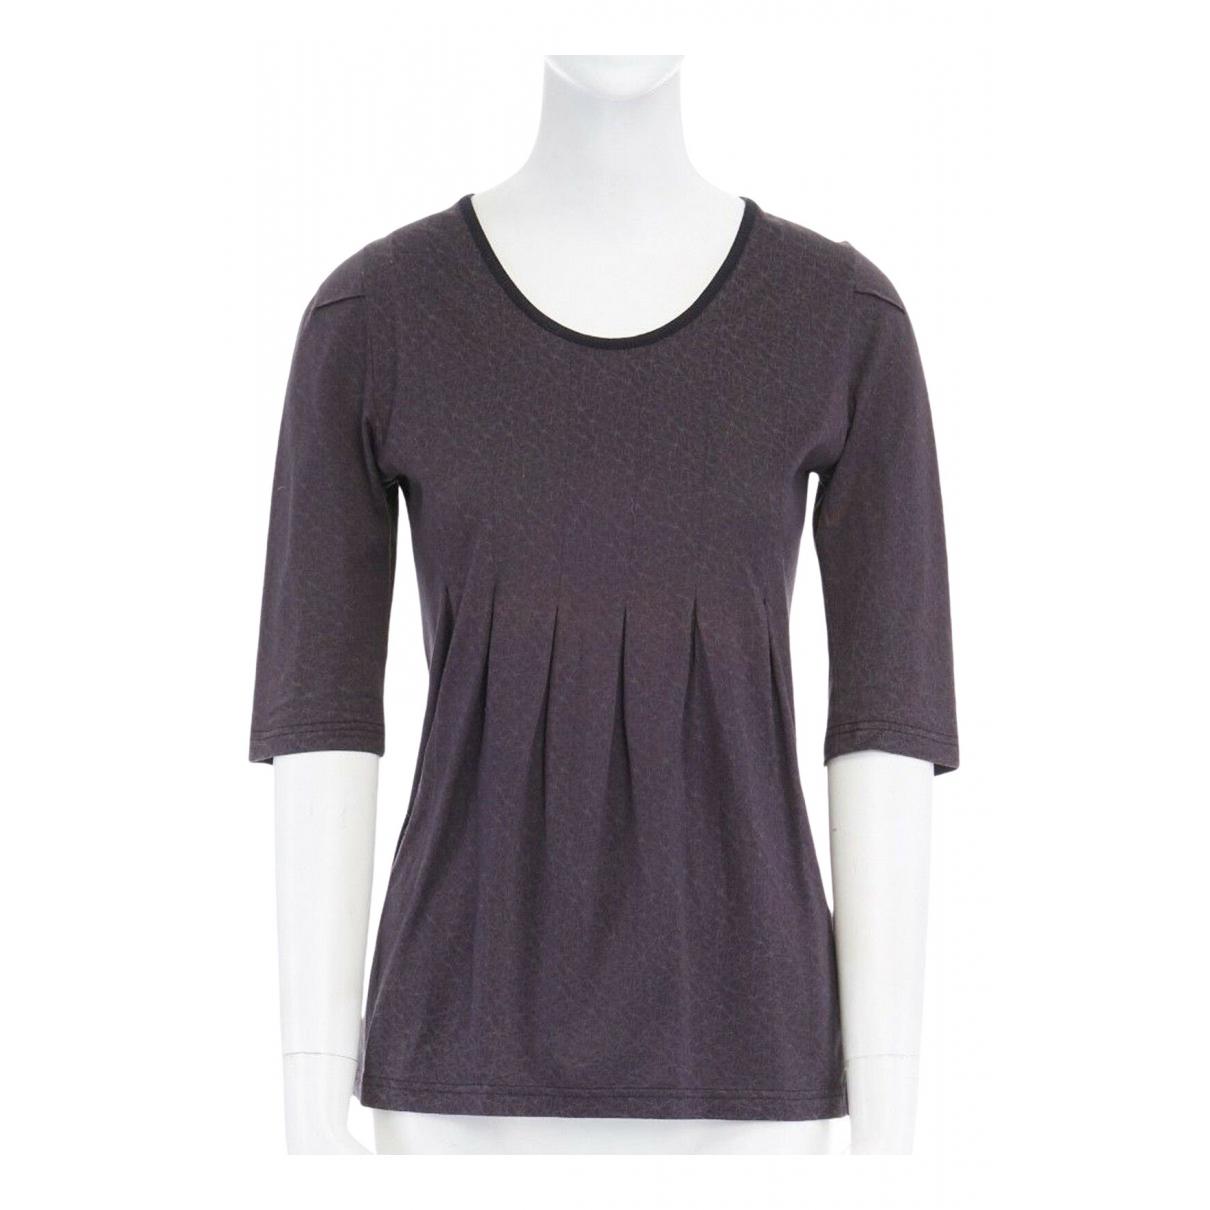 Undercover - Top   pour femme en coton - gris